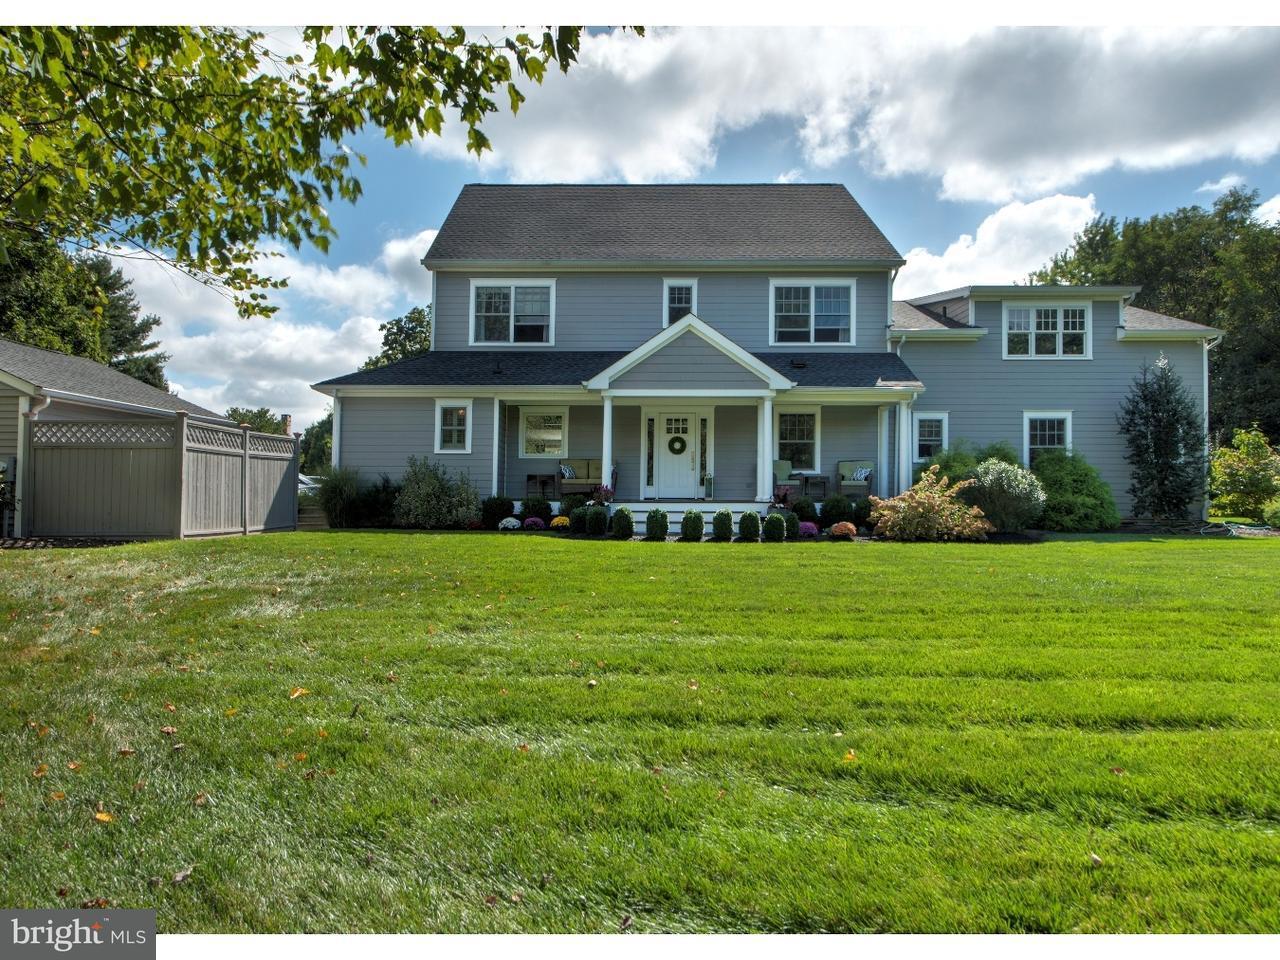 Maison unifamiliale pour l Vente à 6234 LOWER MOUNTAIN Road Solebury, Pennsylvanie 18938 États-UnisDans/Autour: Solebury Township